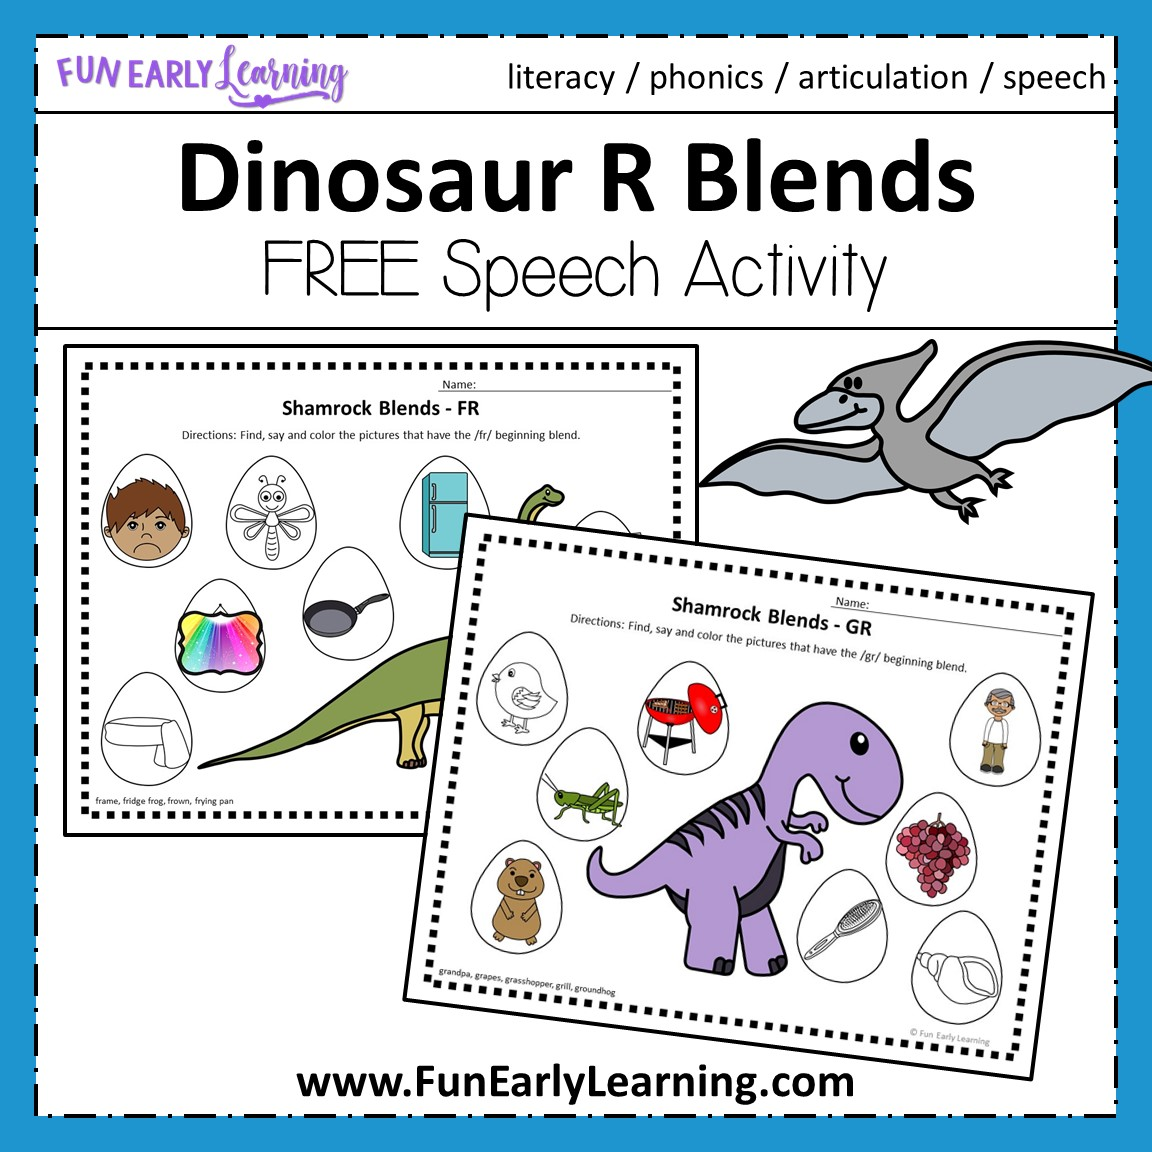 Dinosaur R Blends Articulation Speech Activity For